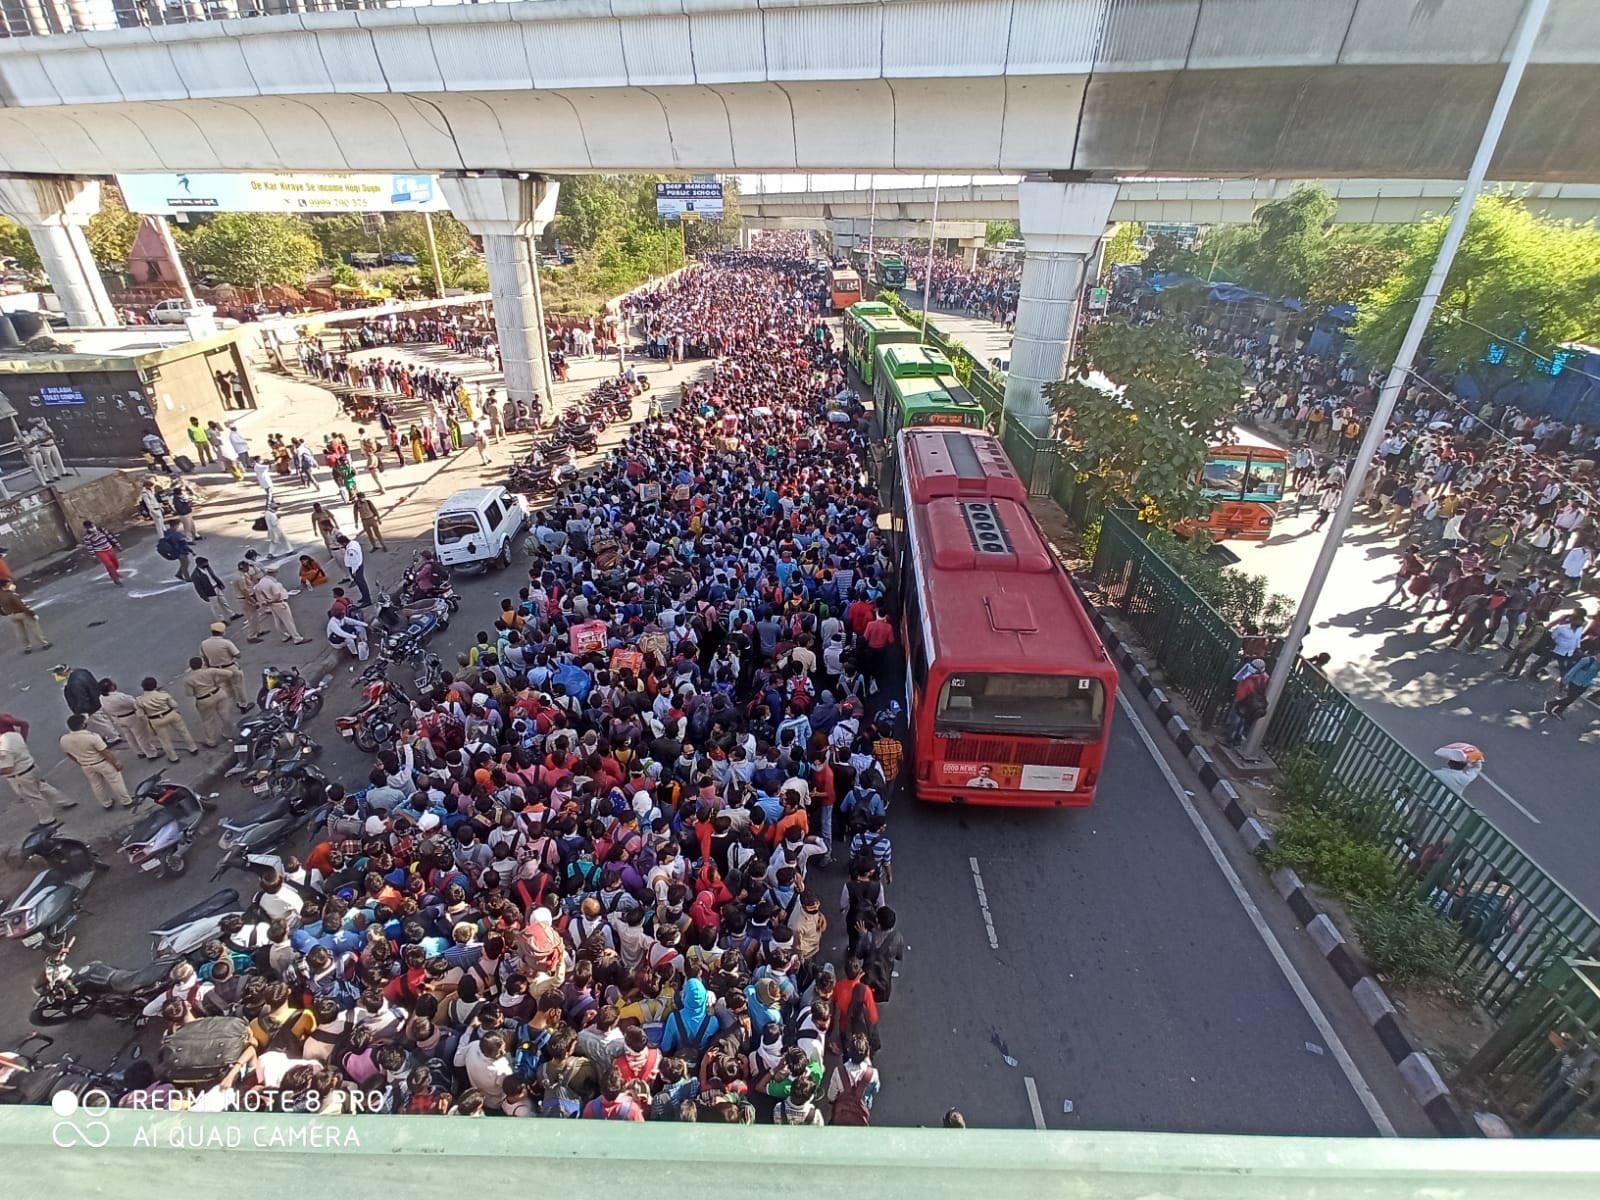 लकडाउनका बिच दिल्लीका बस पार्कहरुमा हजारौंको भीड